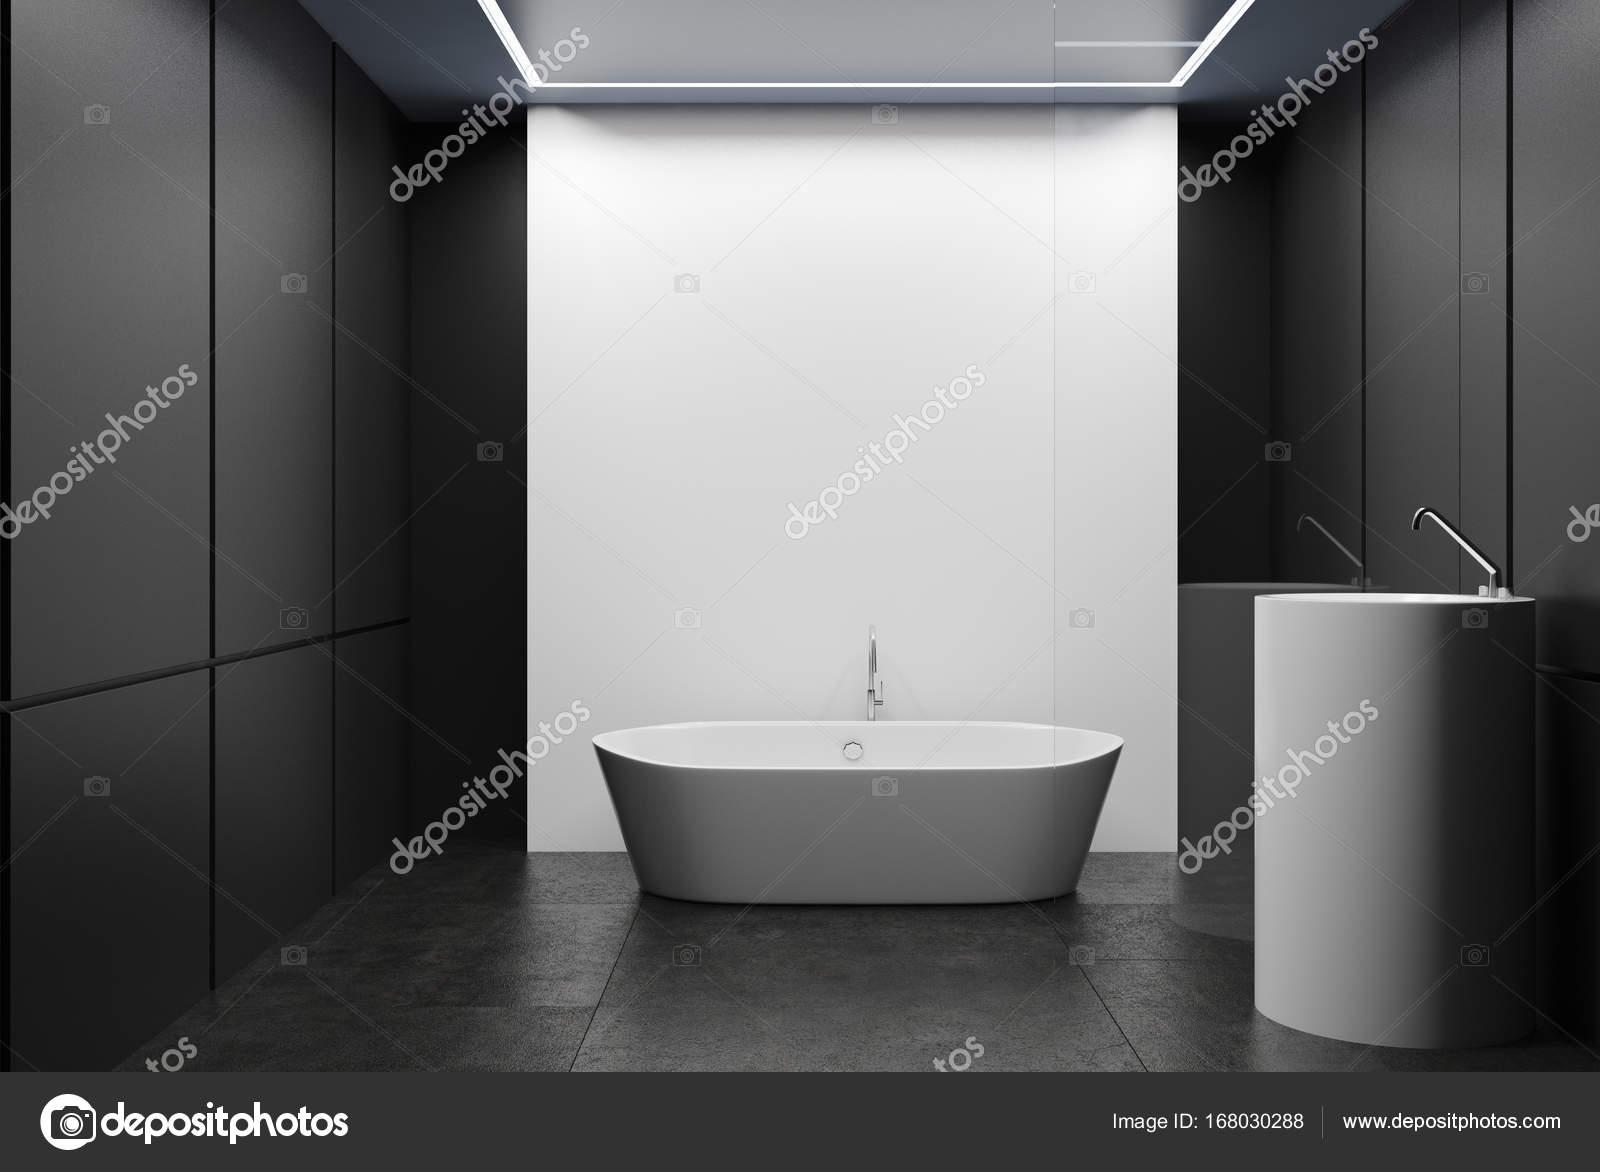 Grigio e bianco piastrella bagno vasca e lavandino u foto stock